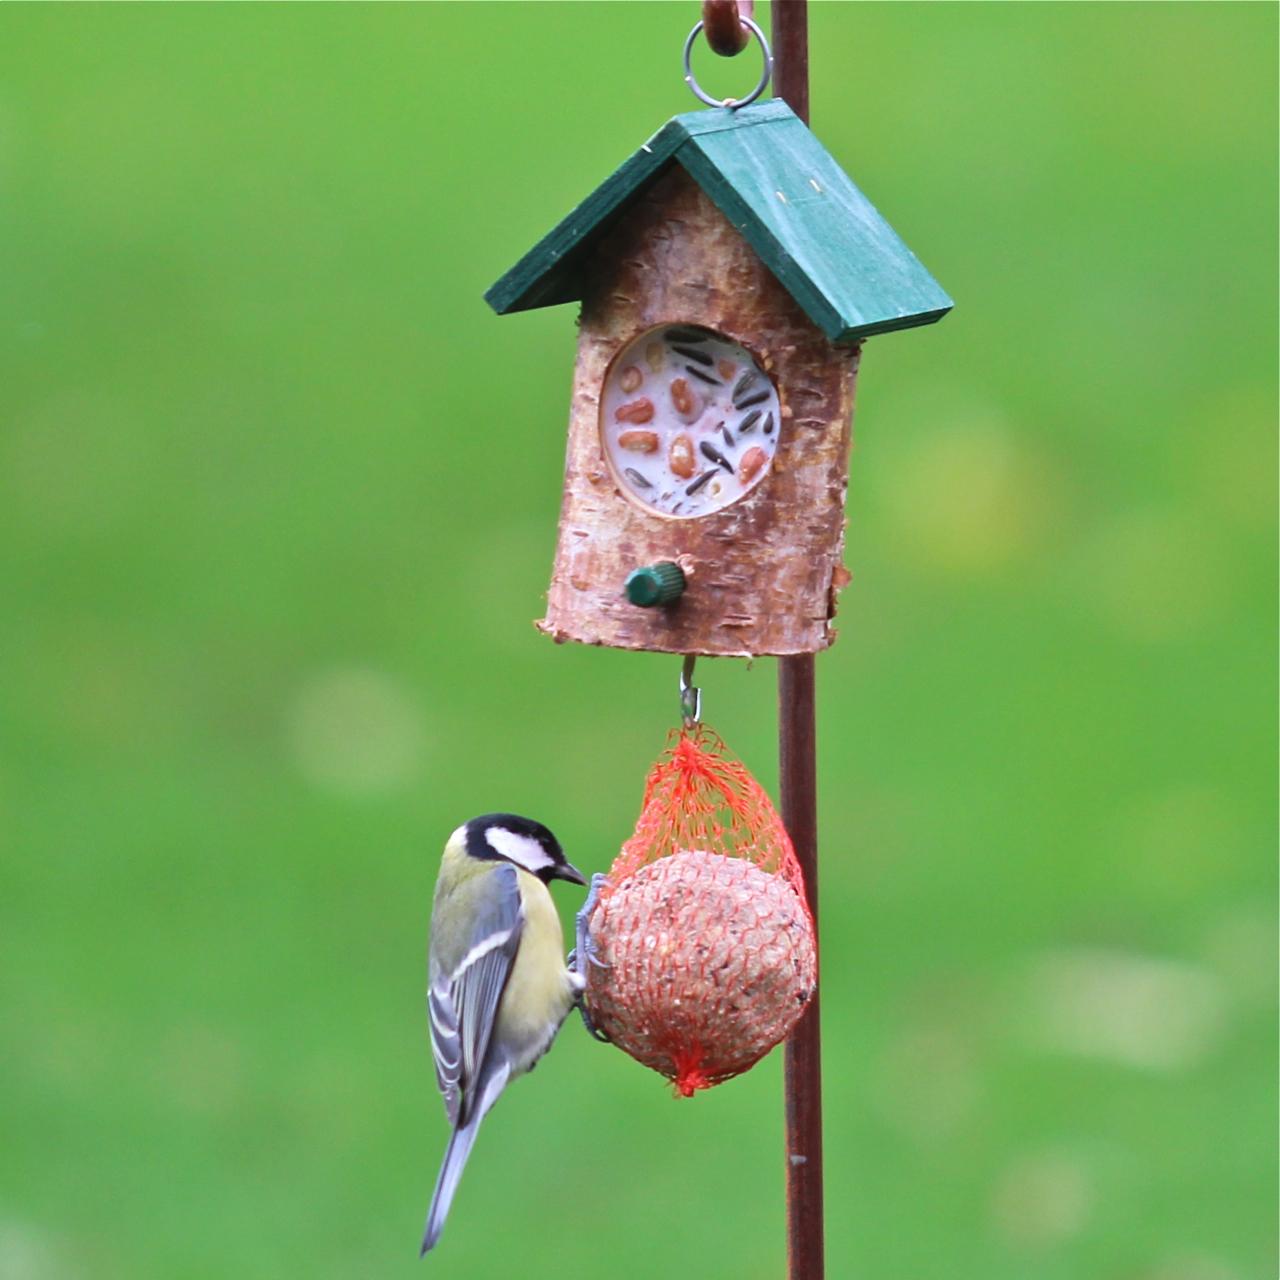 kn delhaus klein gr n mit vogelfutter und rindertalg vogel und naturschutzprodukte einfach. Black Bedroom Furniture Sets. Home Design Ideas